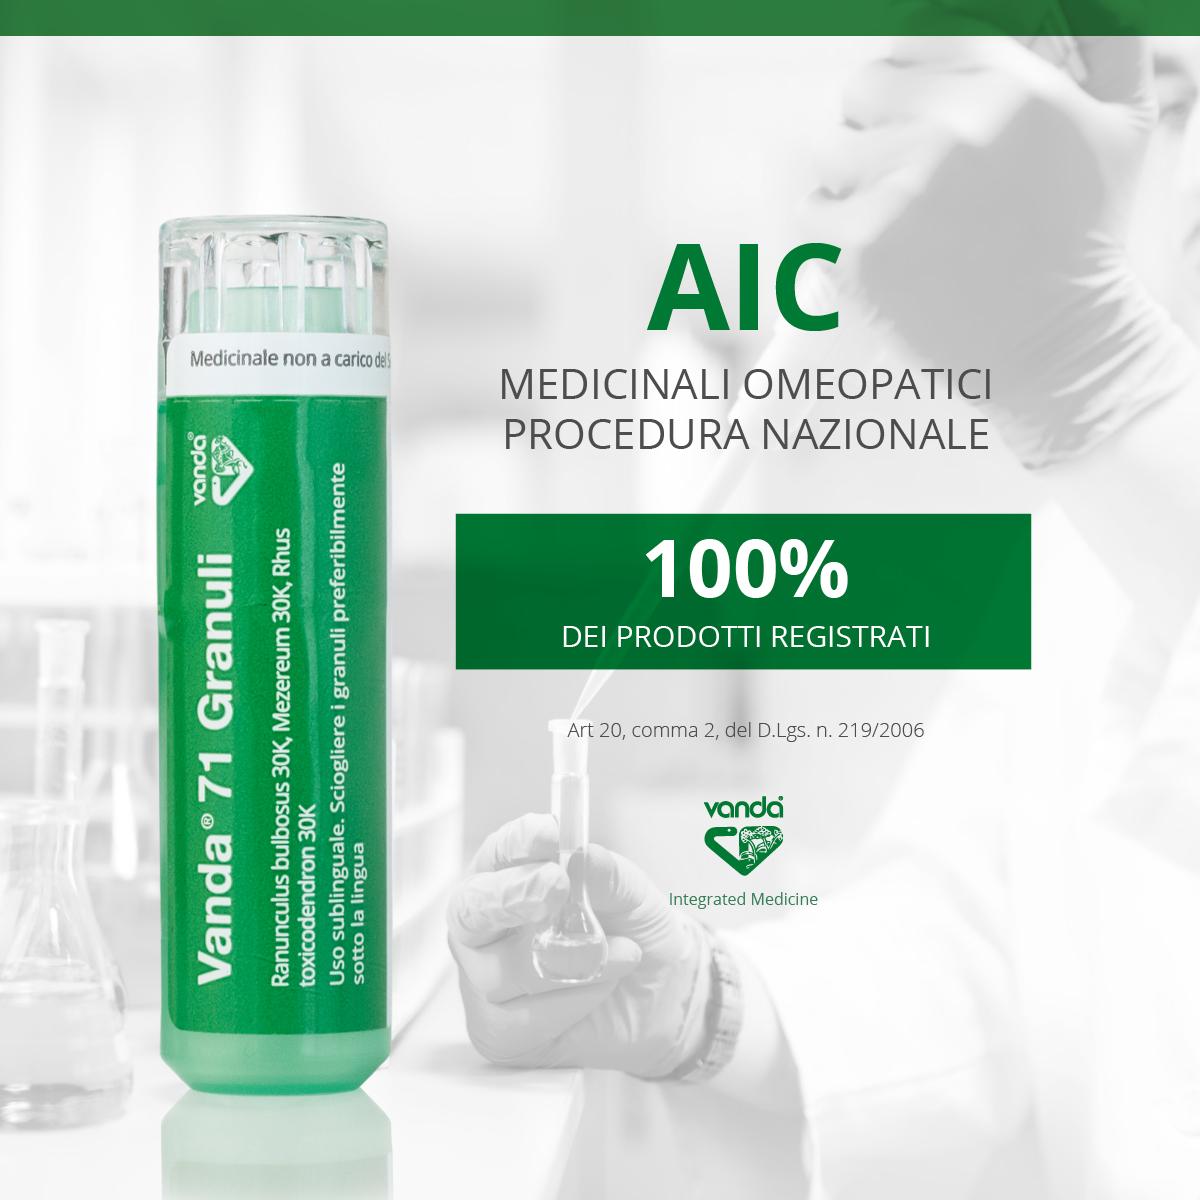 AIC Medicinali omeopatici prontuario nazionale